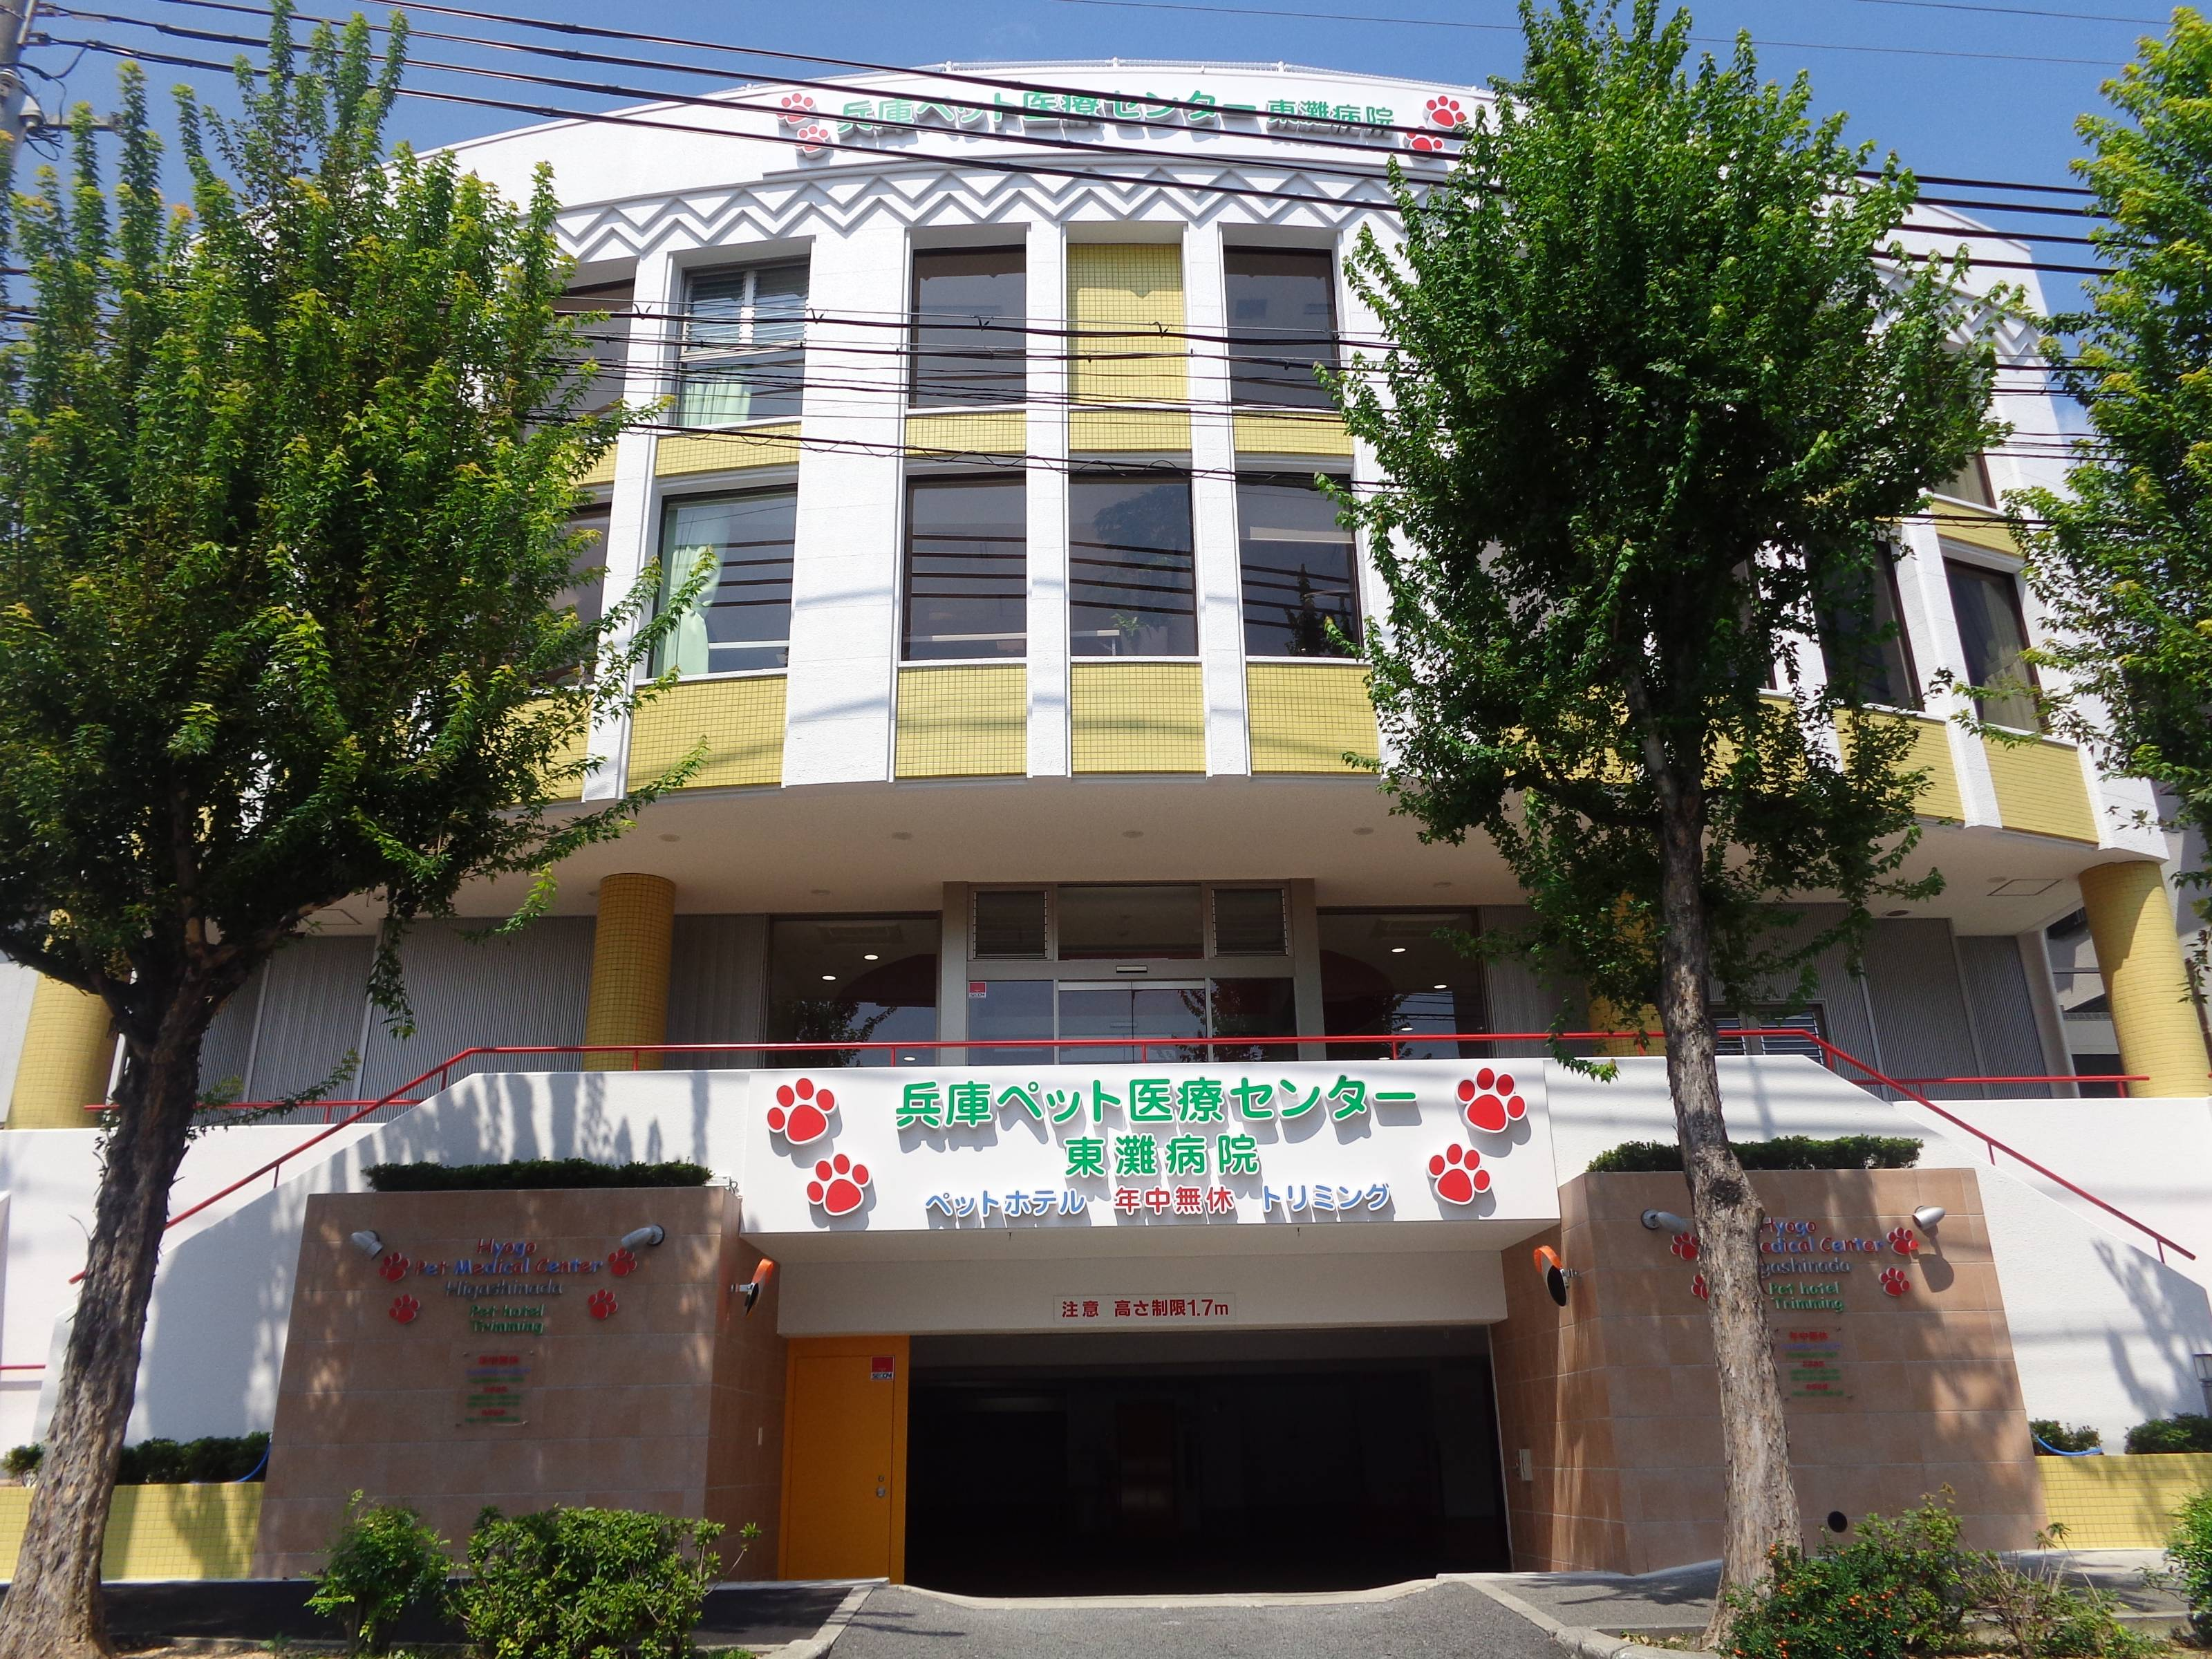 兵庫ペット医療センター東灘病院